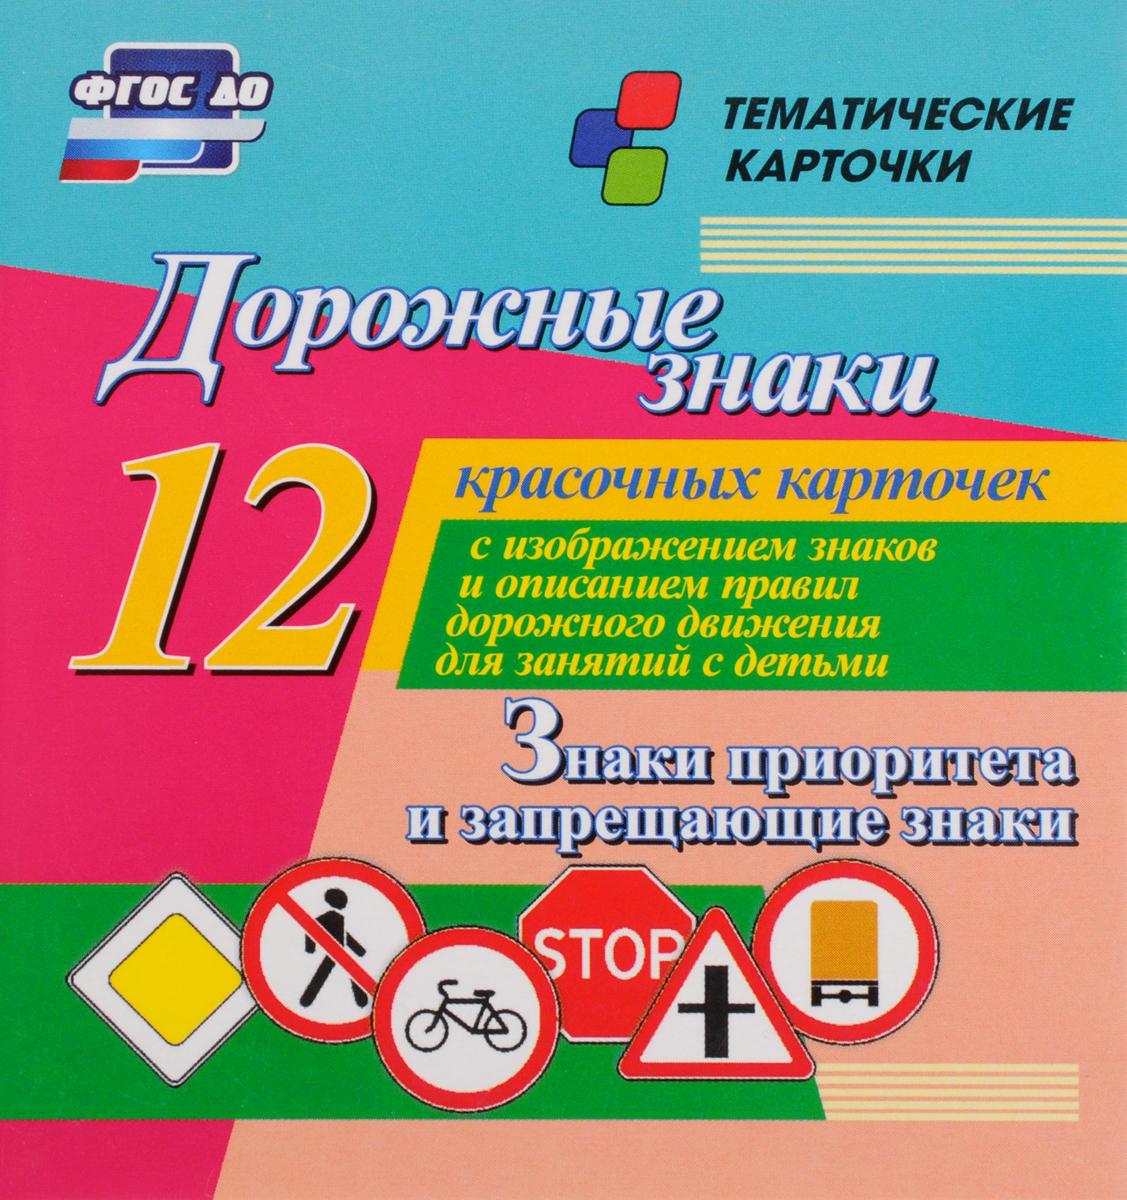 Дорожные знаки. Знаки приоритета и запрещающие знаки (набор из 12 карточек) цена